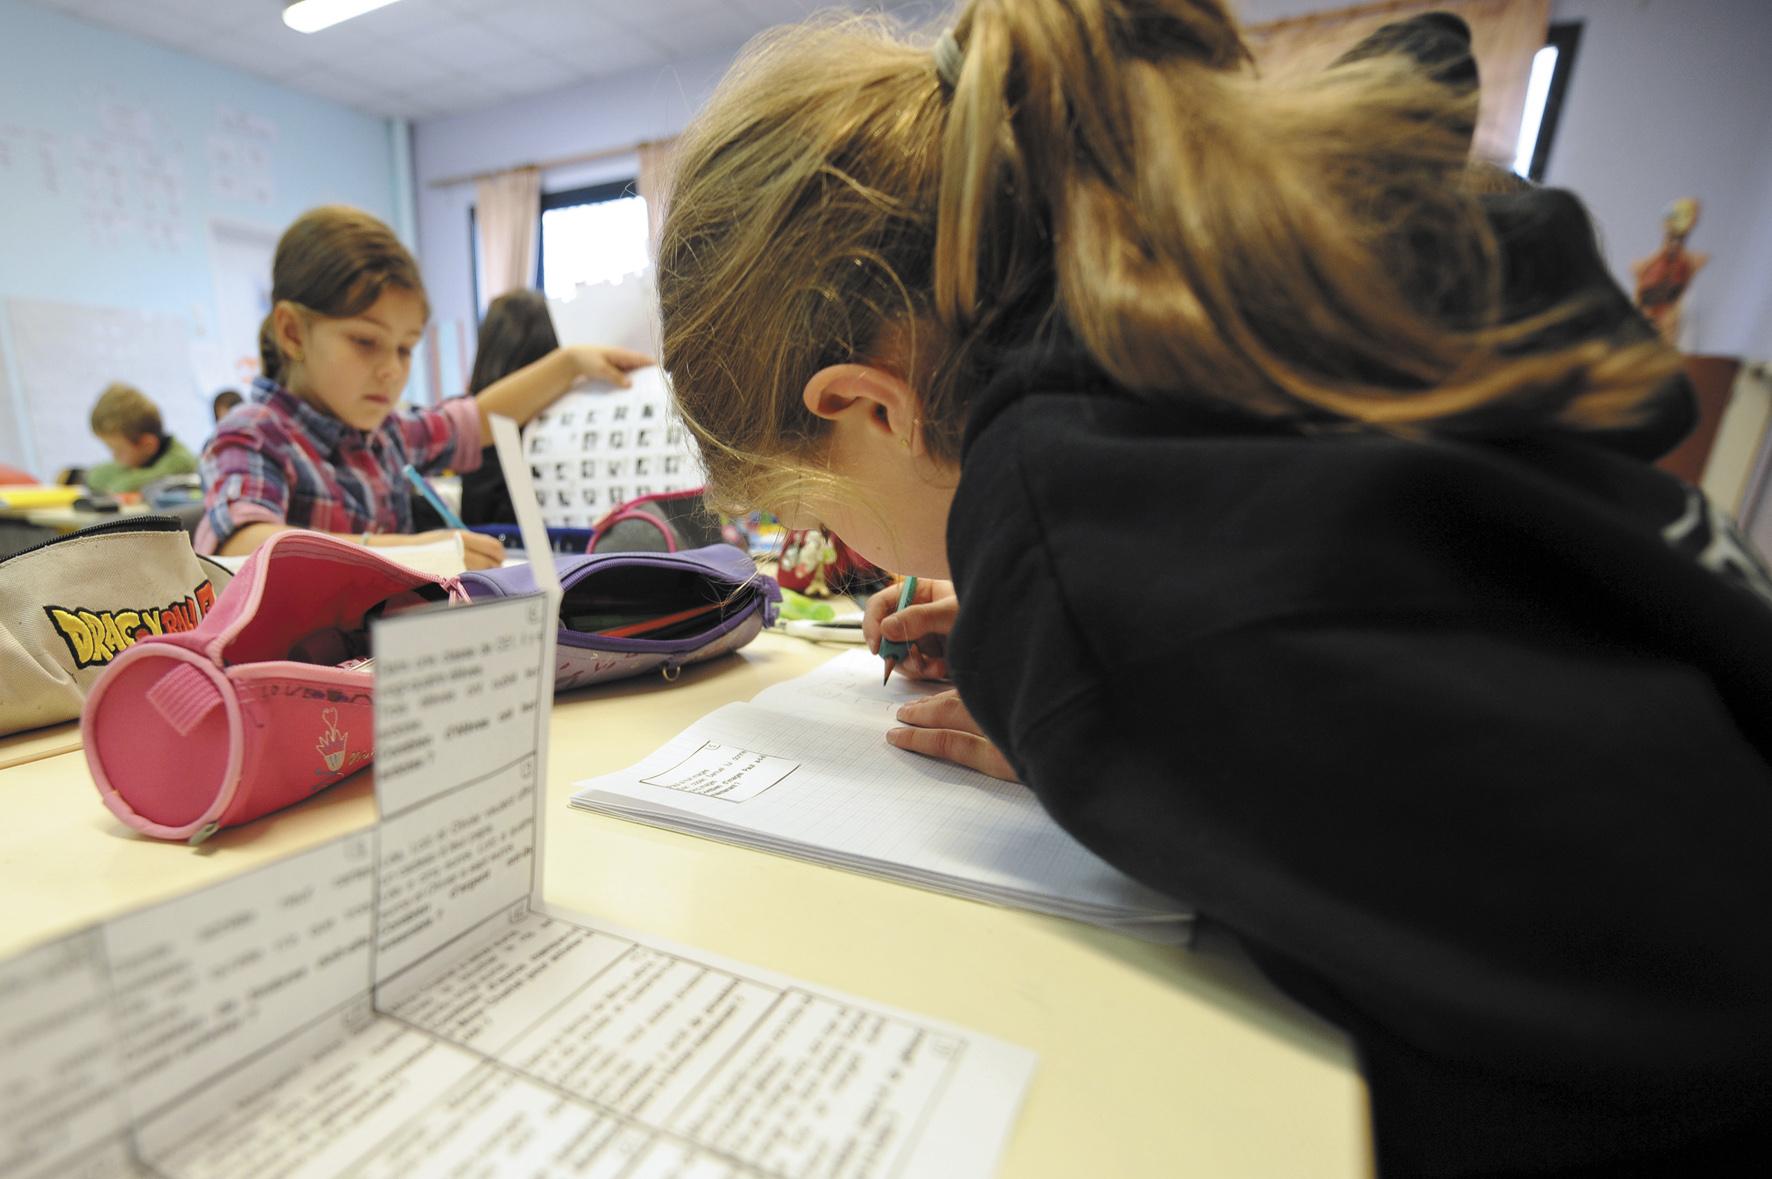 La reprise oblige à revoir l'organisation des salles de classe et des cantines